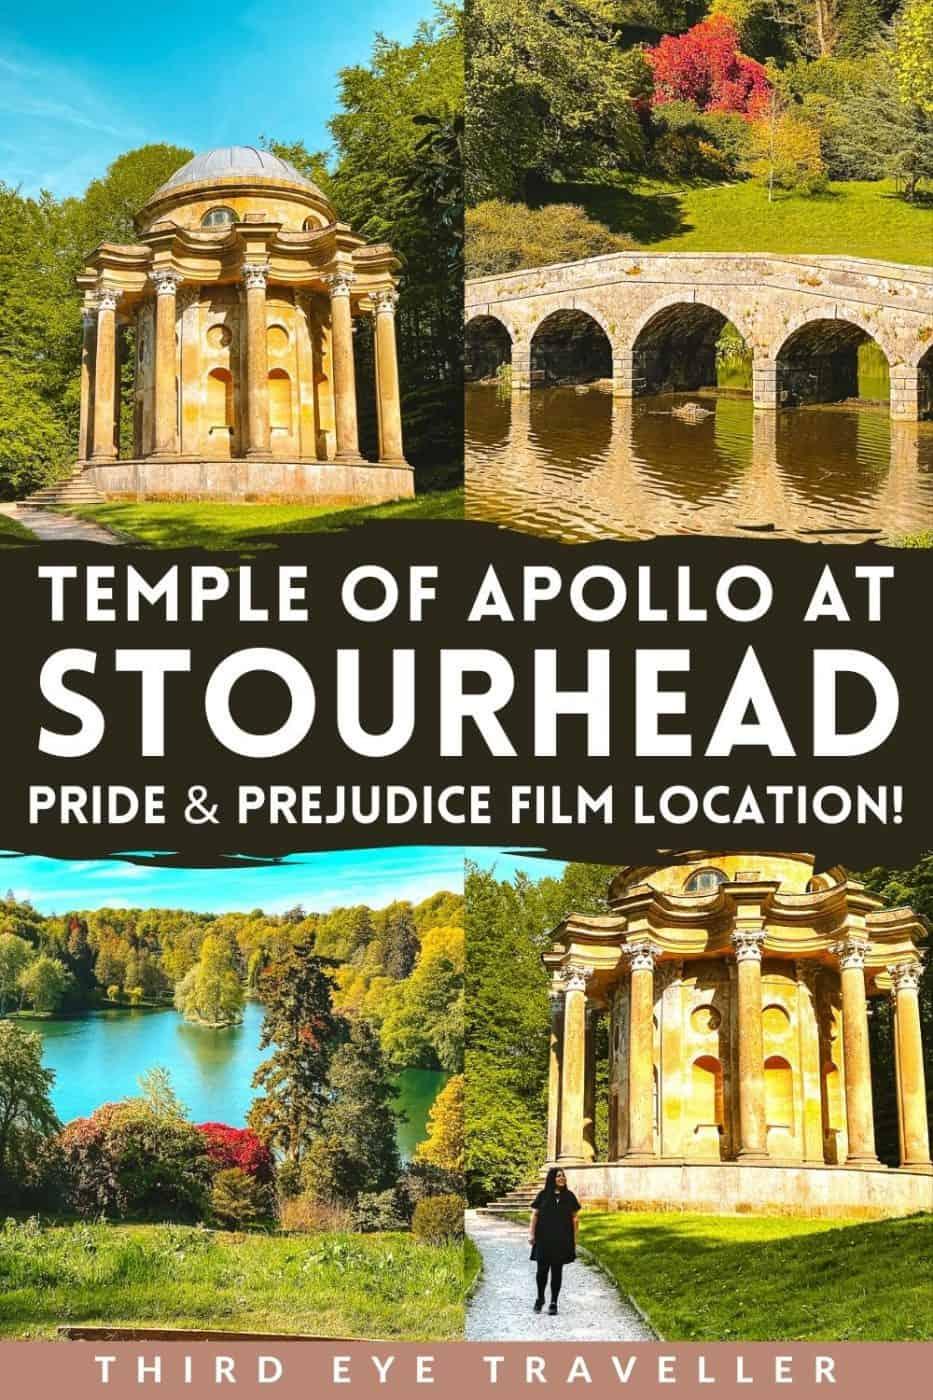 Temple of Apollo Stourhead Pride and Prejudice Film Location